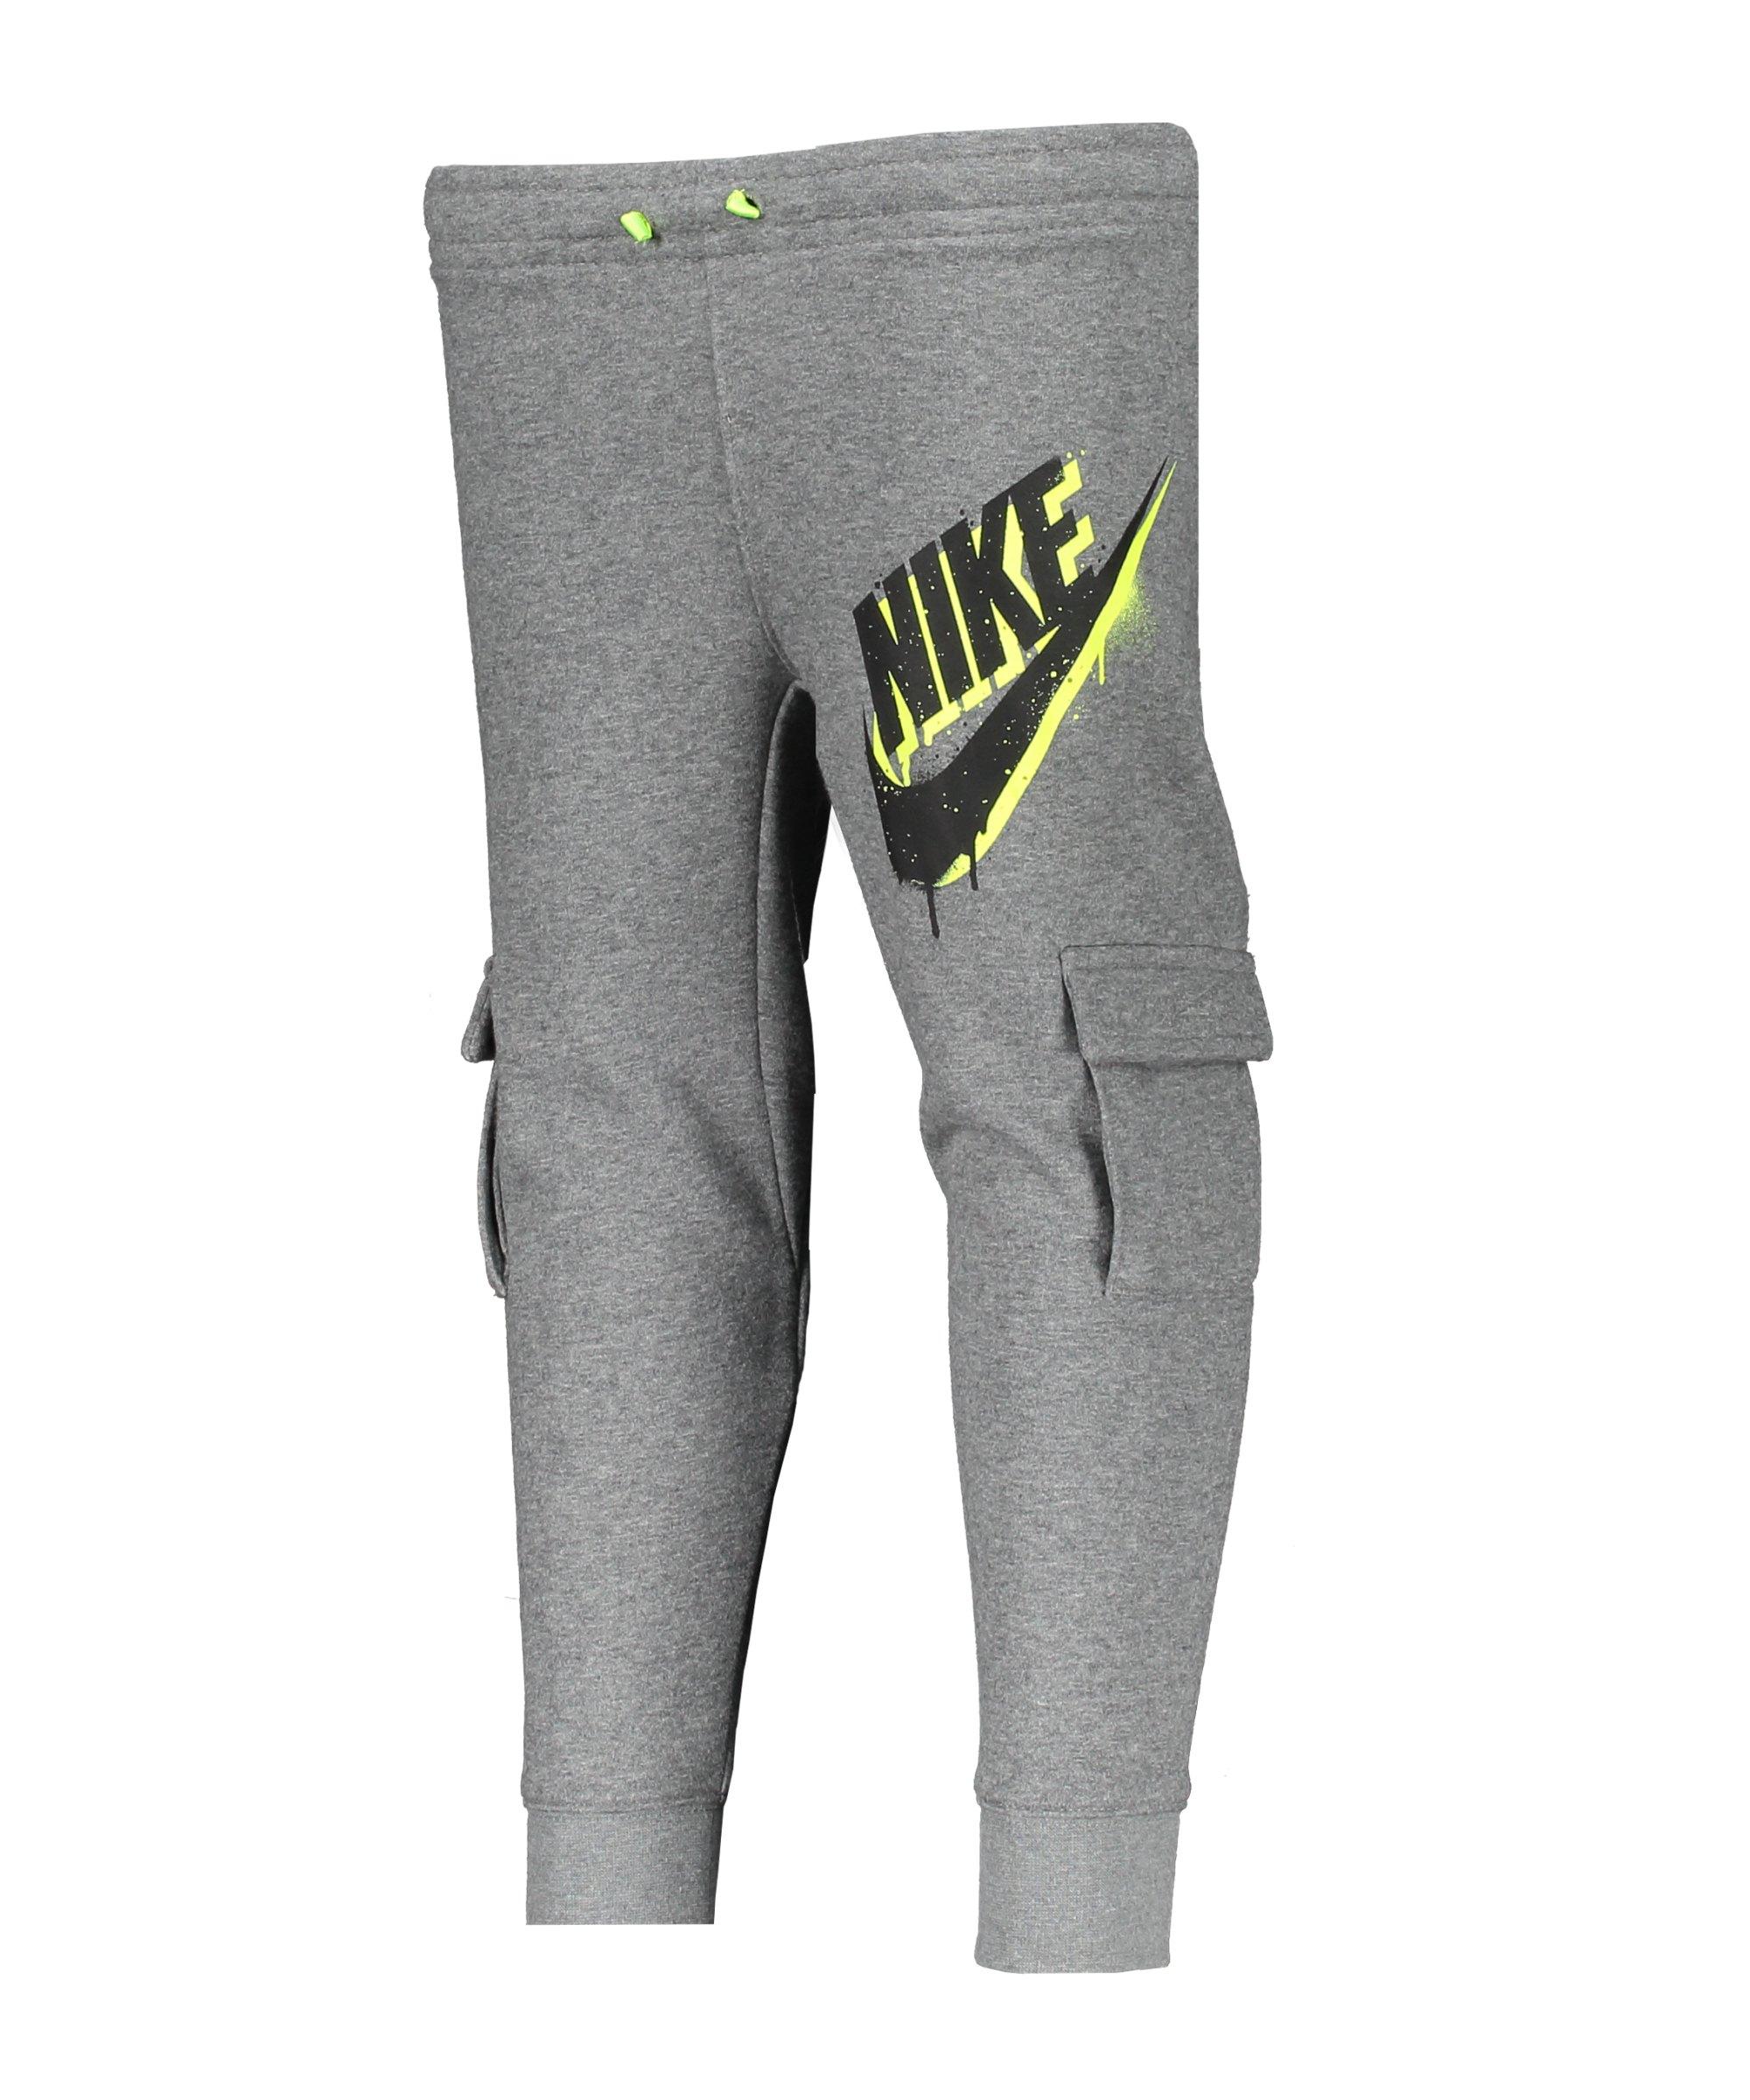 Nike Tag Cargo Jogginghose Kids Grau FGEH - grau